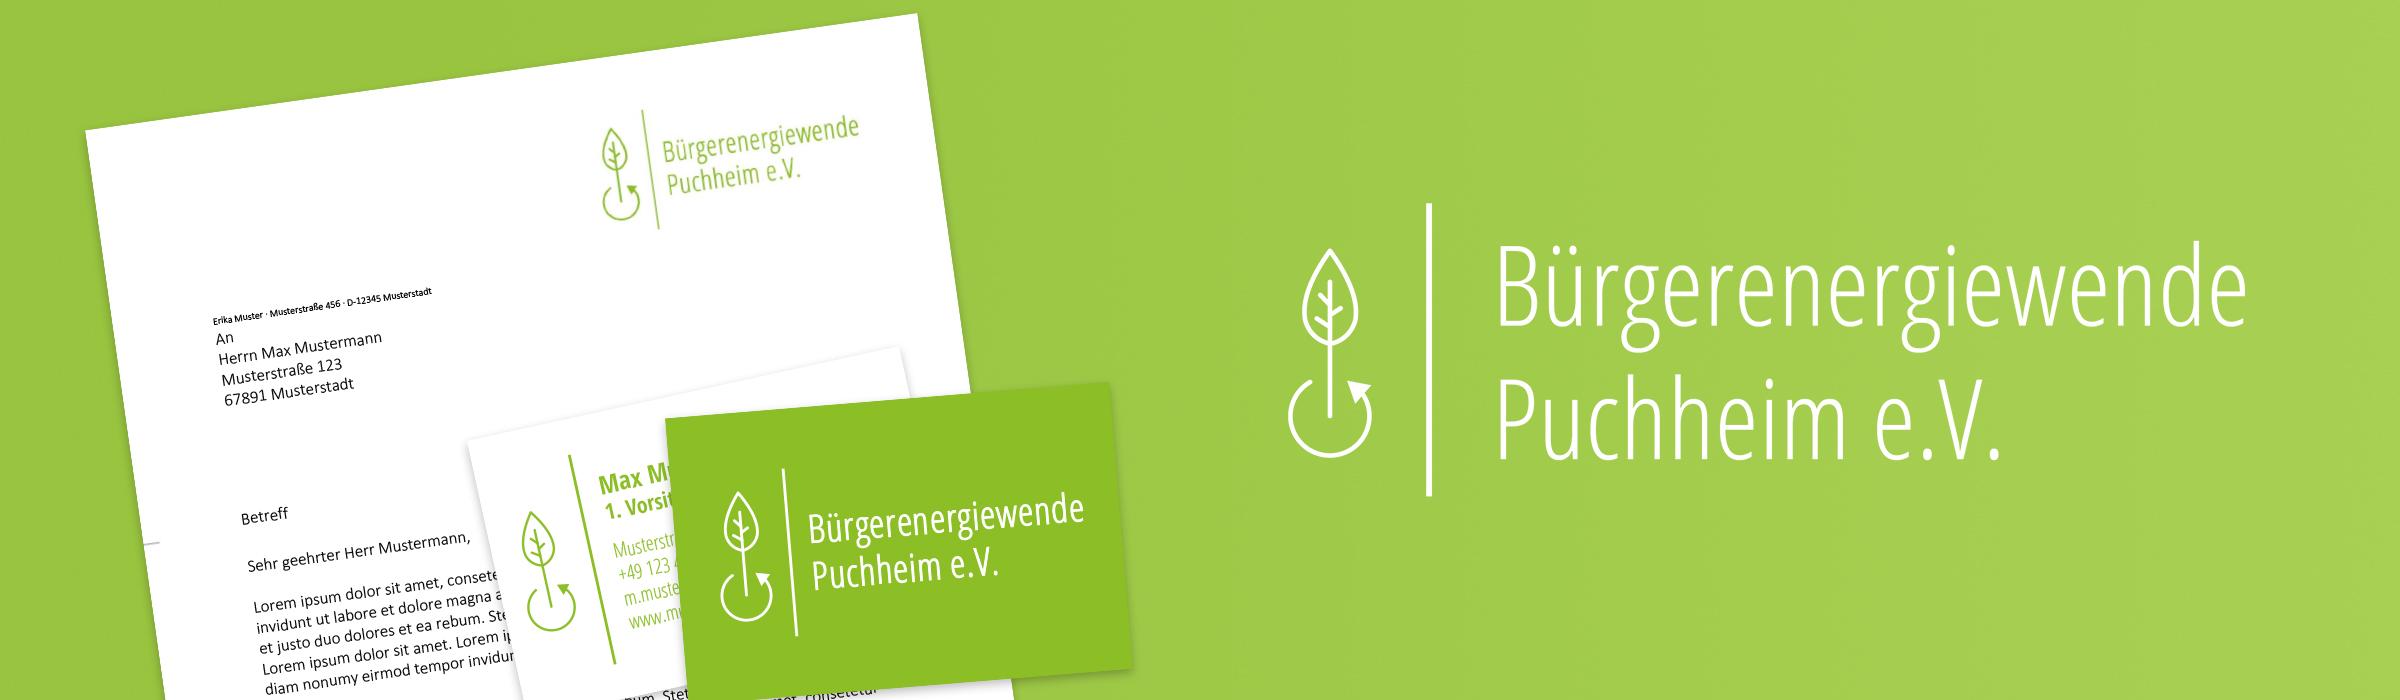 Druckerzeugnisse für die Bürgerenergiewende Puchheim